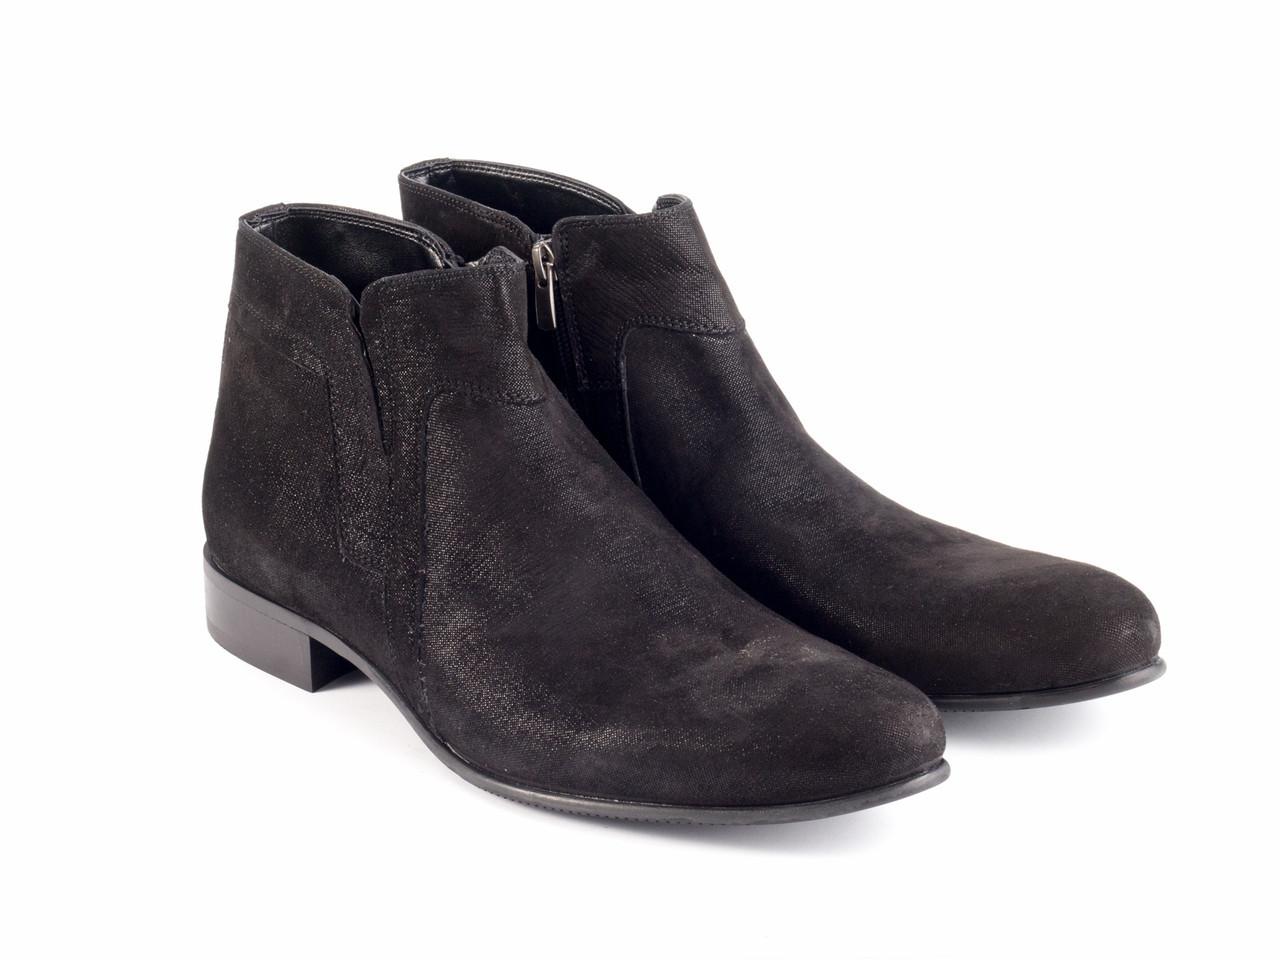 Ботинки Etor 10760-5754-45 45 черные